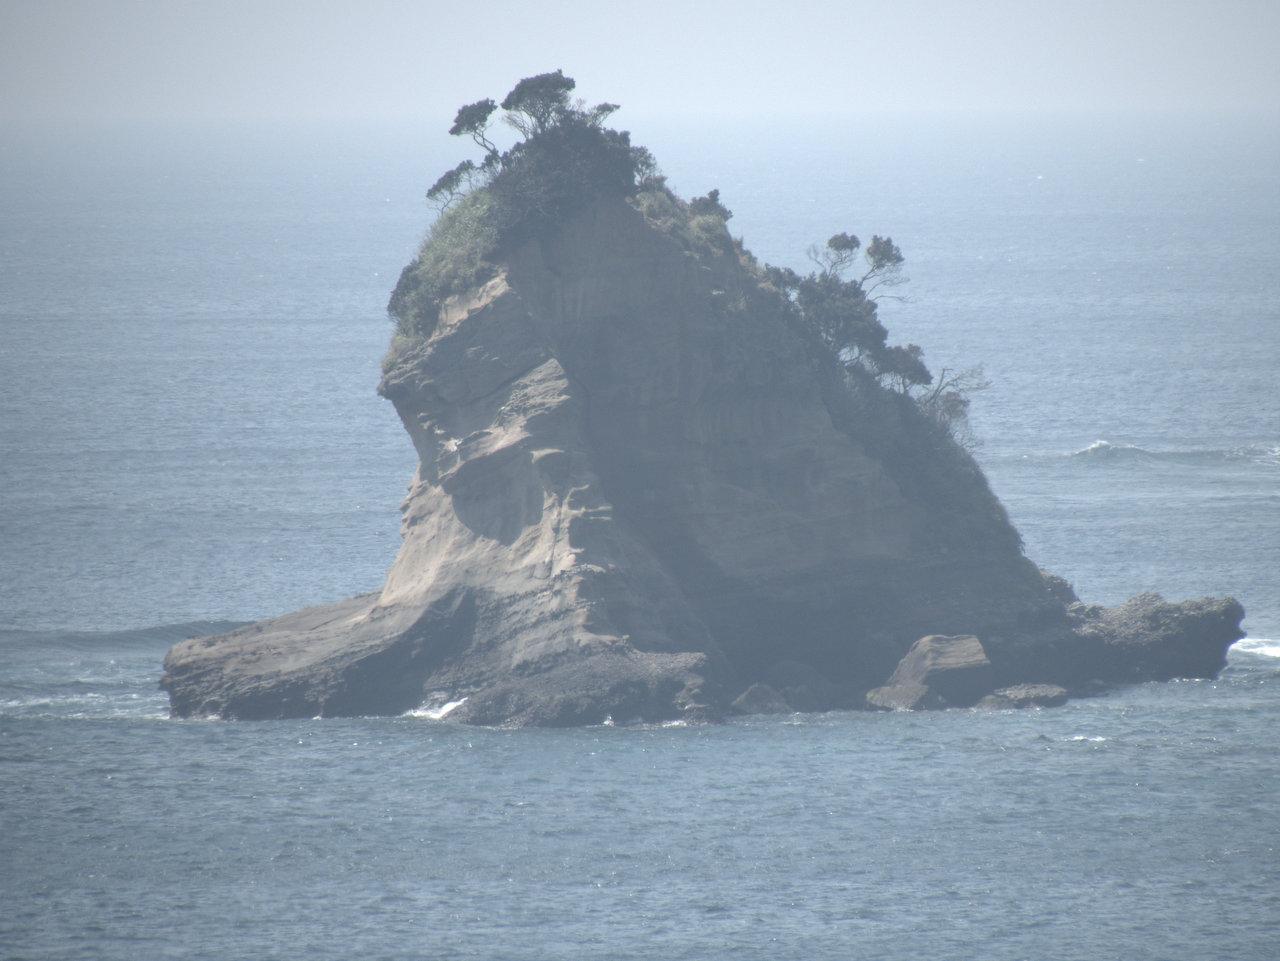 遠浅の沖合に楽しげな島影